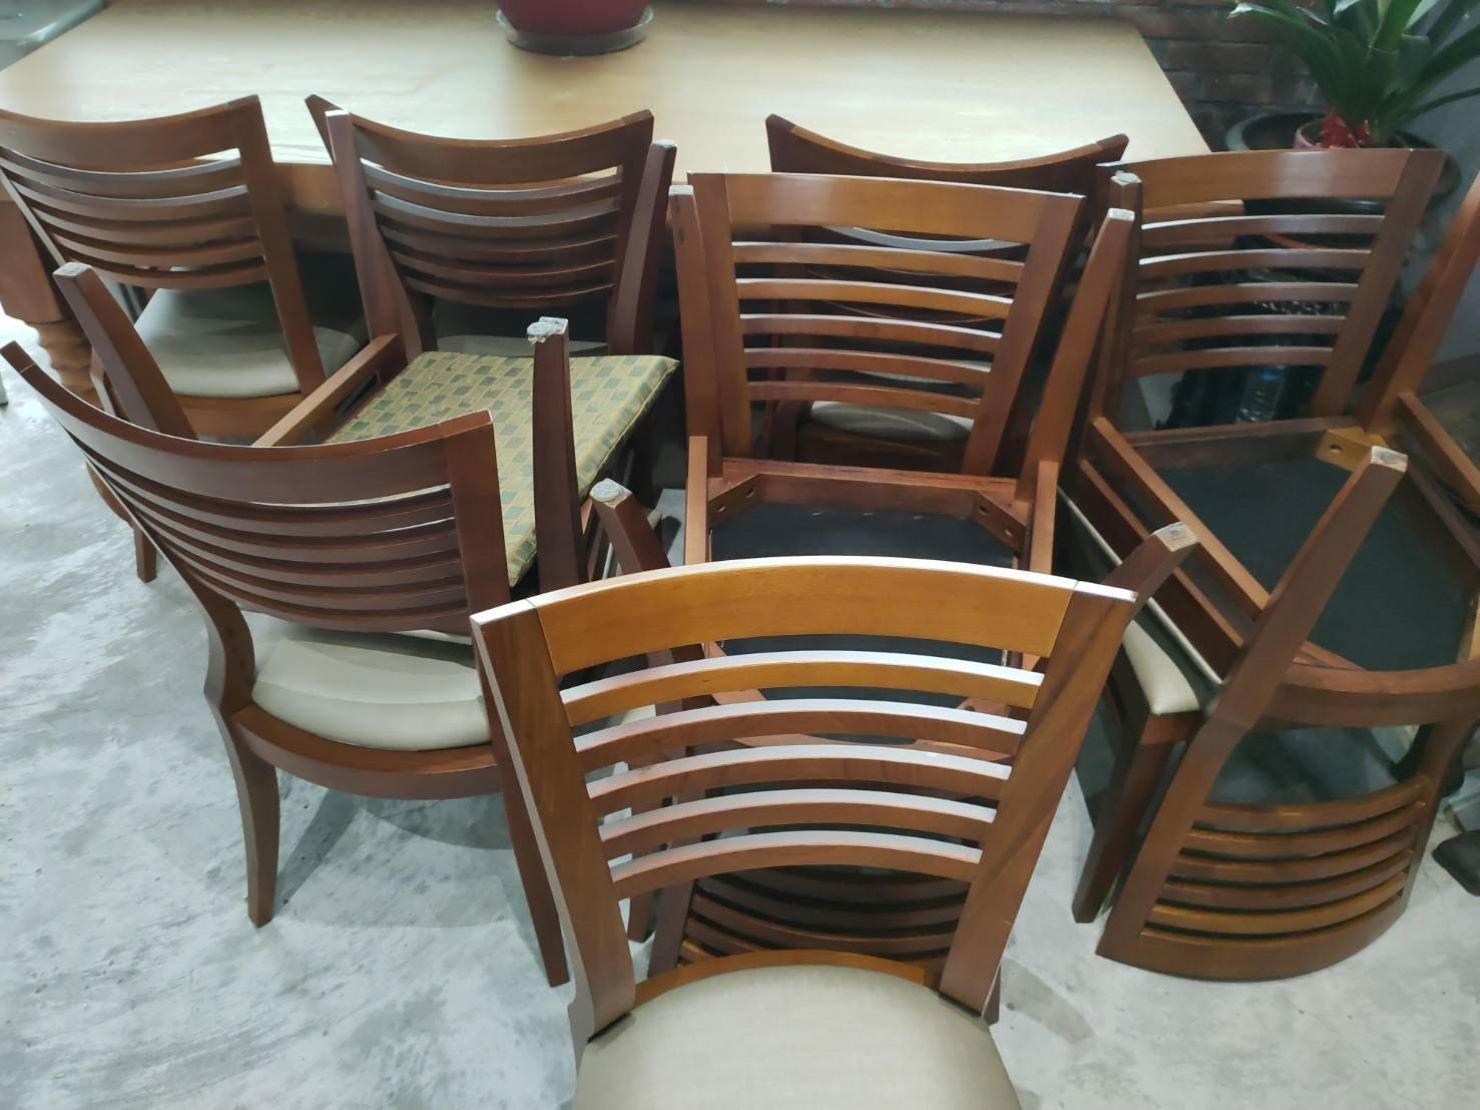 垃圾處理【榮福搬家】搬公司推薦給您最優質、最安全的搬運服務:放置已久無使用的會議椅